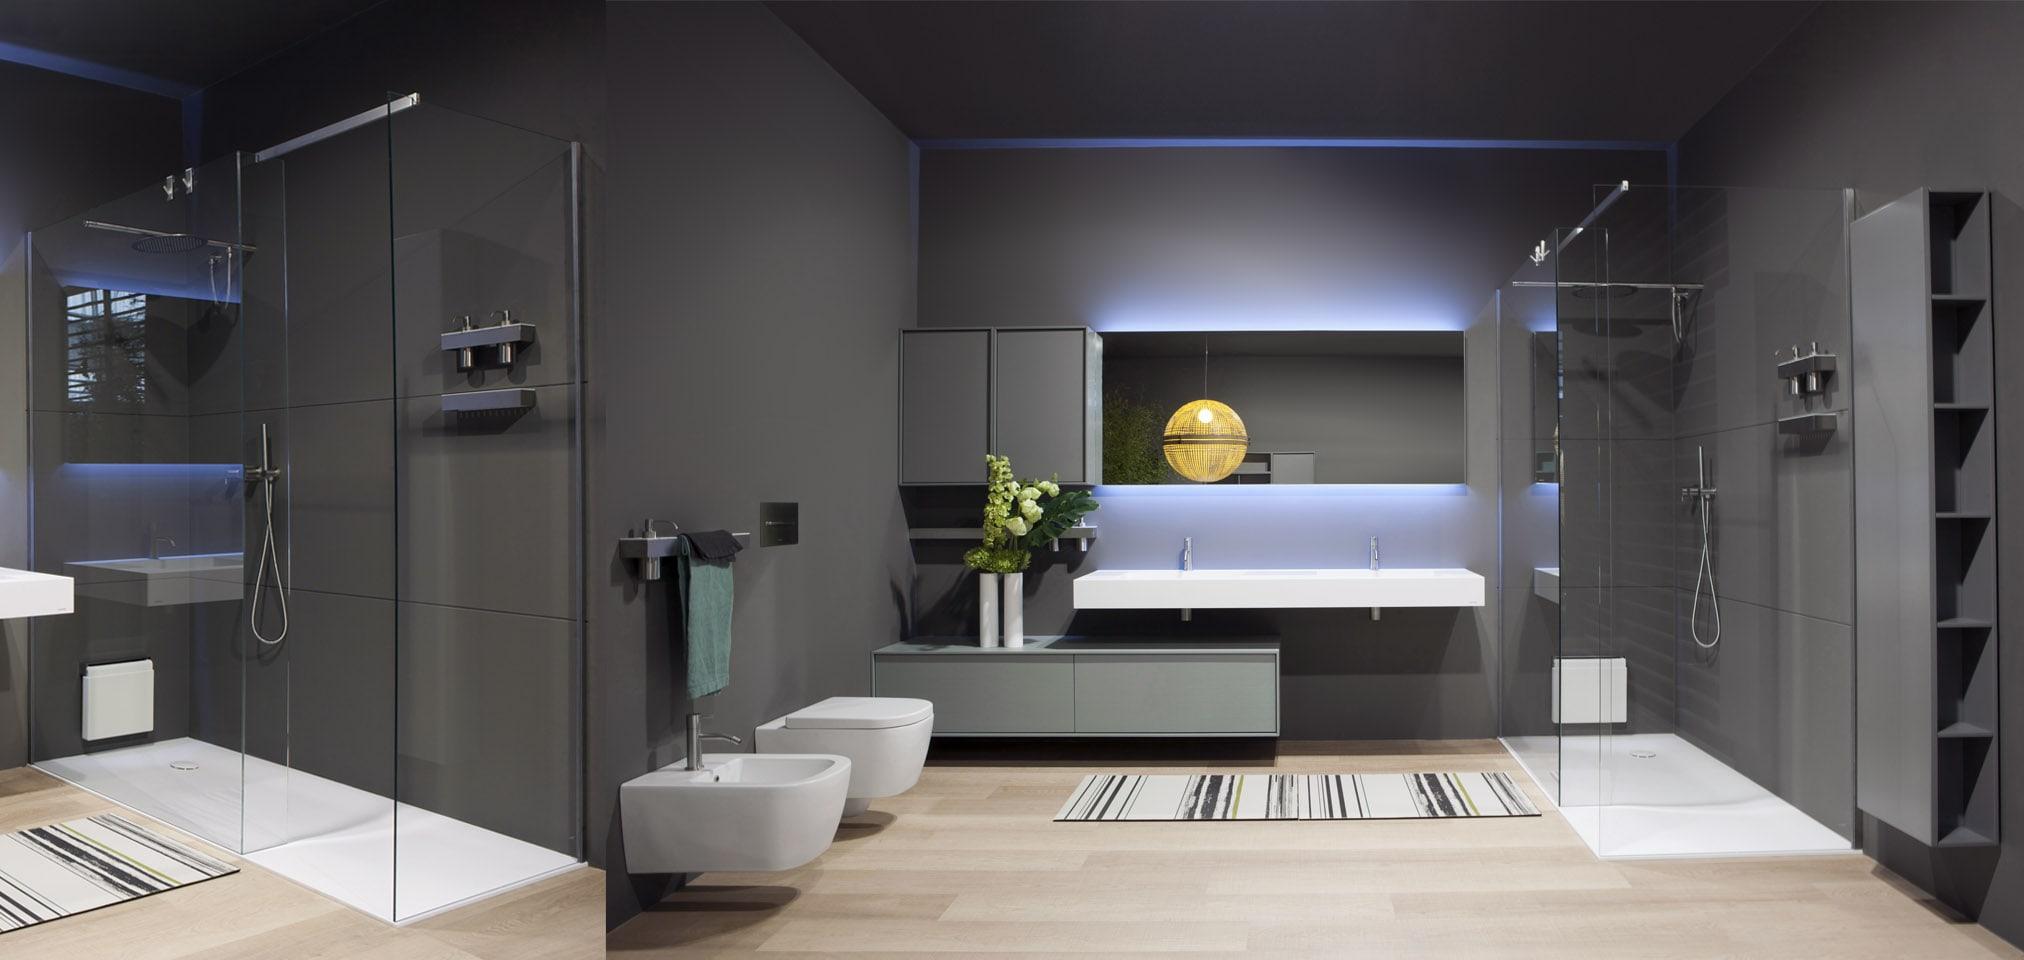 Arredo Bagno Segrate edil-m | arredo bagno, ceramiche, vasche, rubinetteria